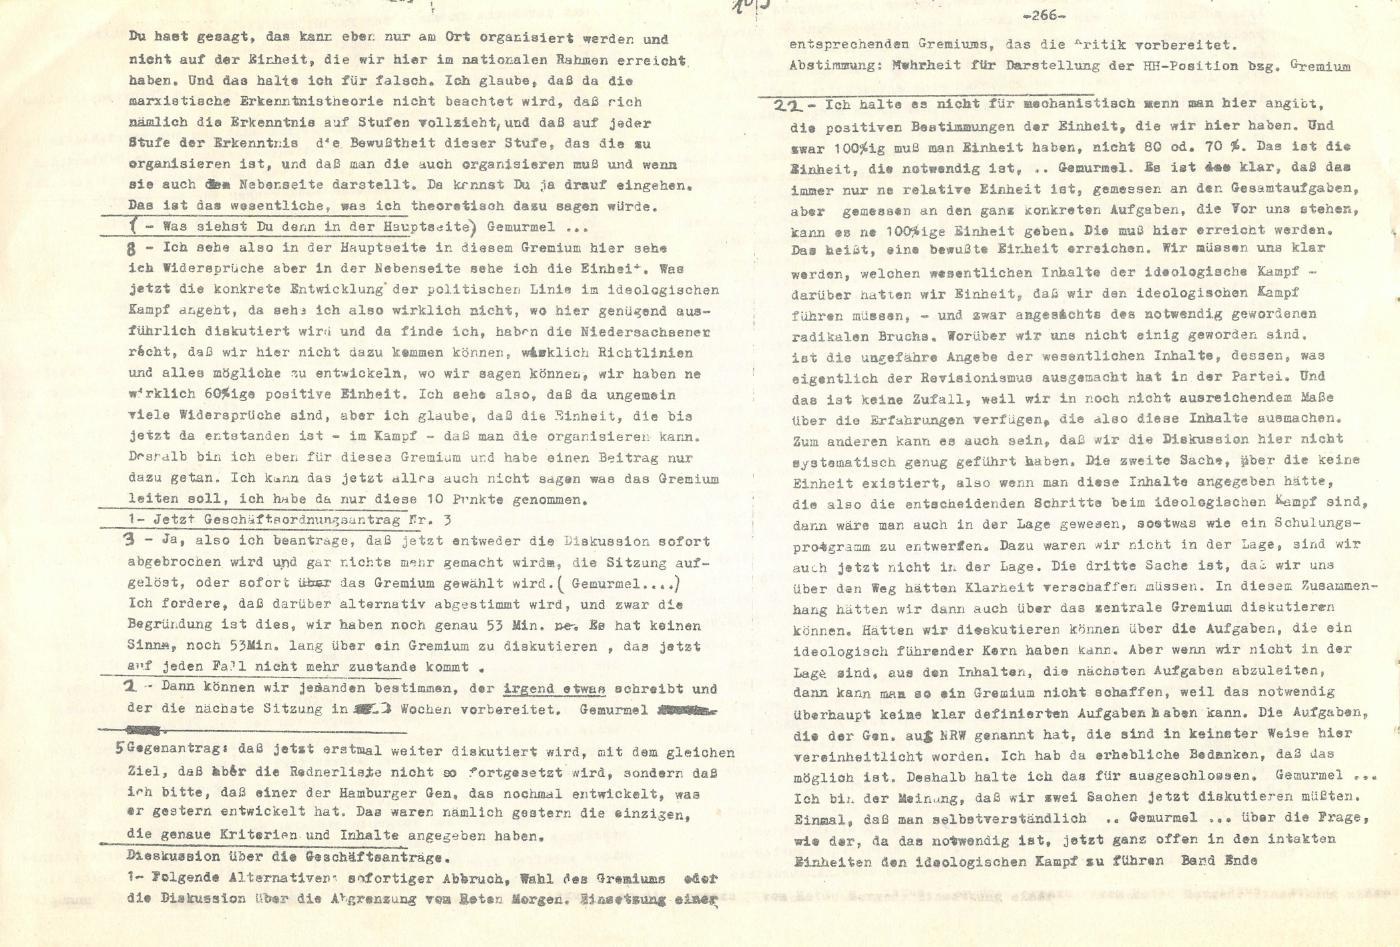 KPDML_1971_Wortprotokolle_aoPt_052